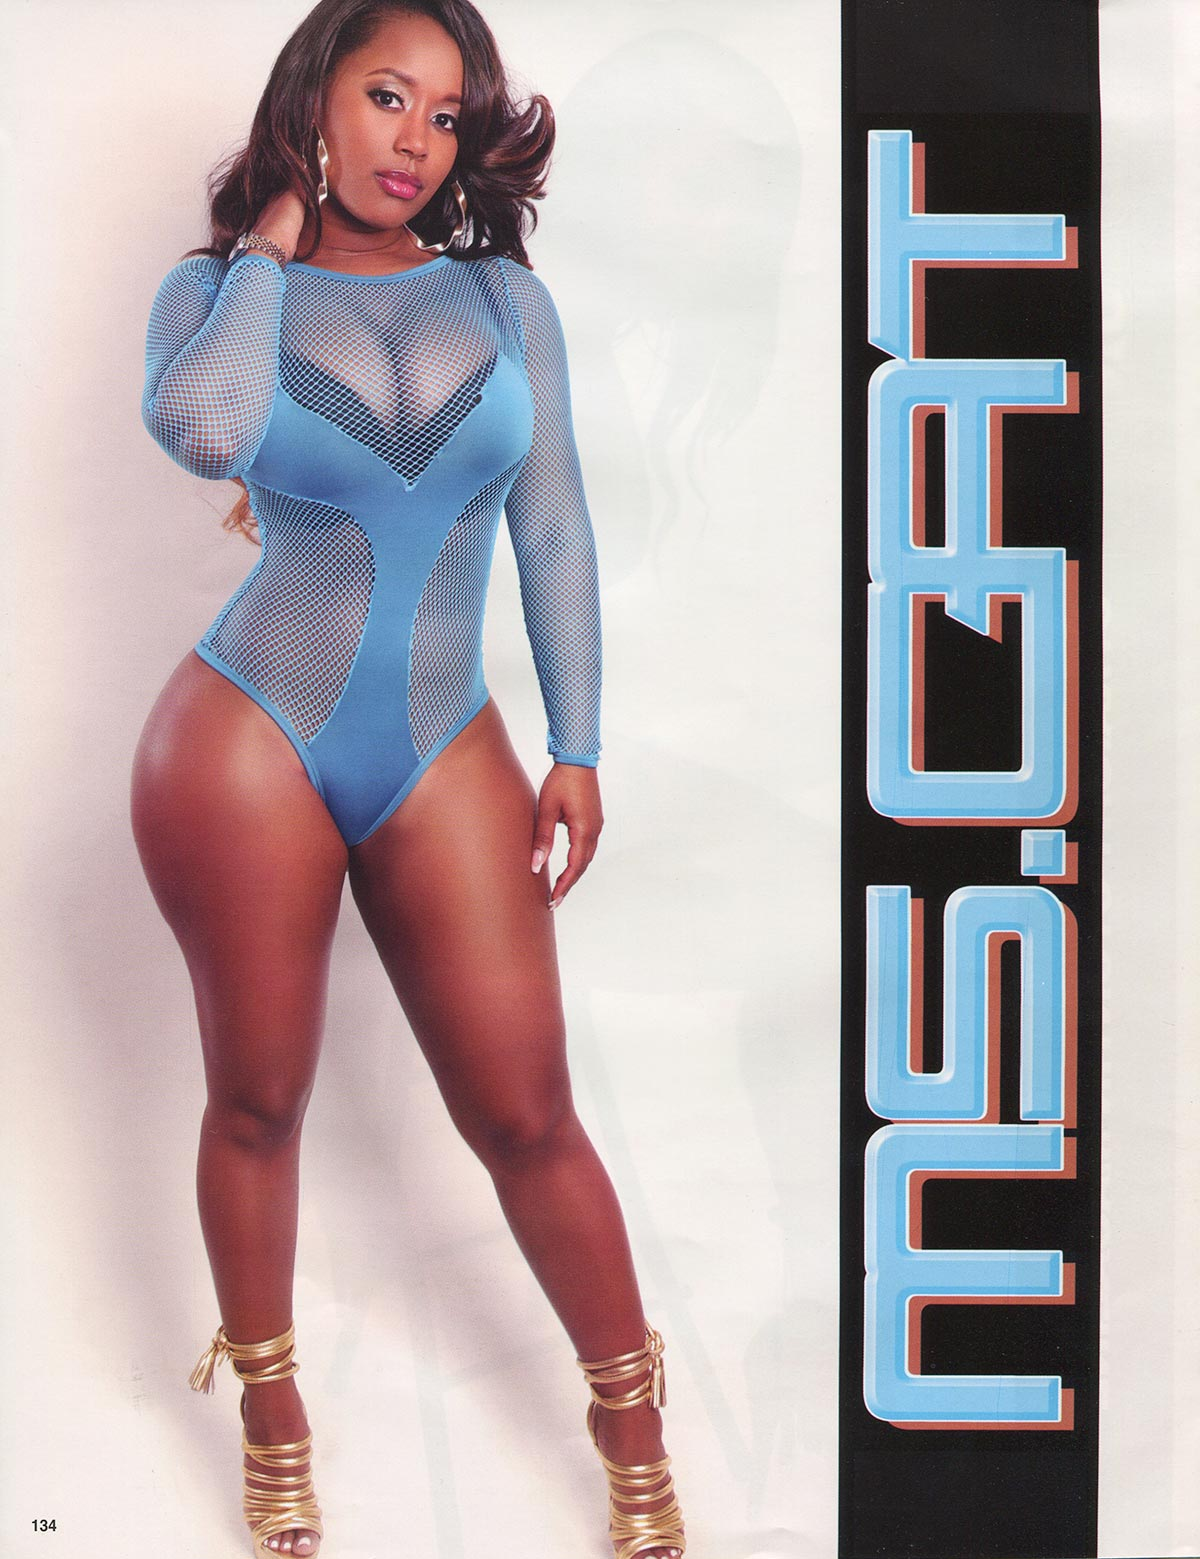 Cat Washington @mscat215 in Straight Stuntin Issue 34